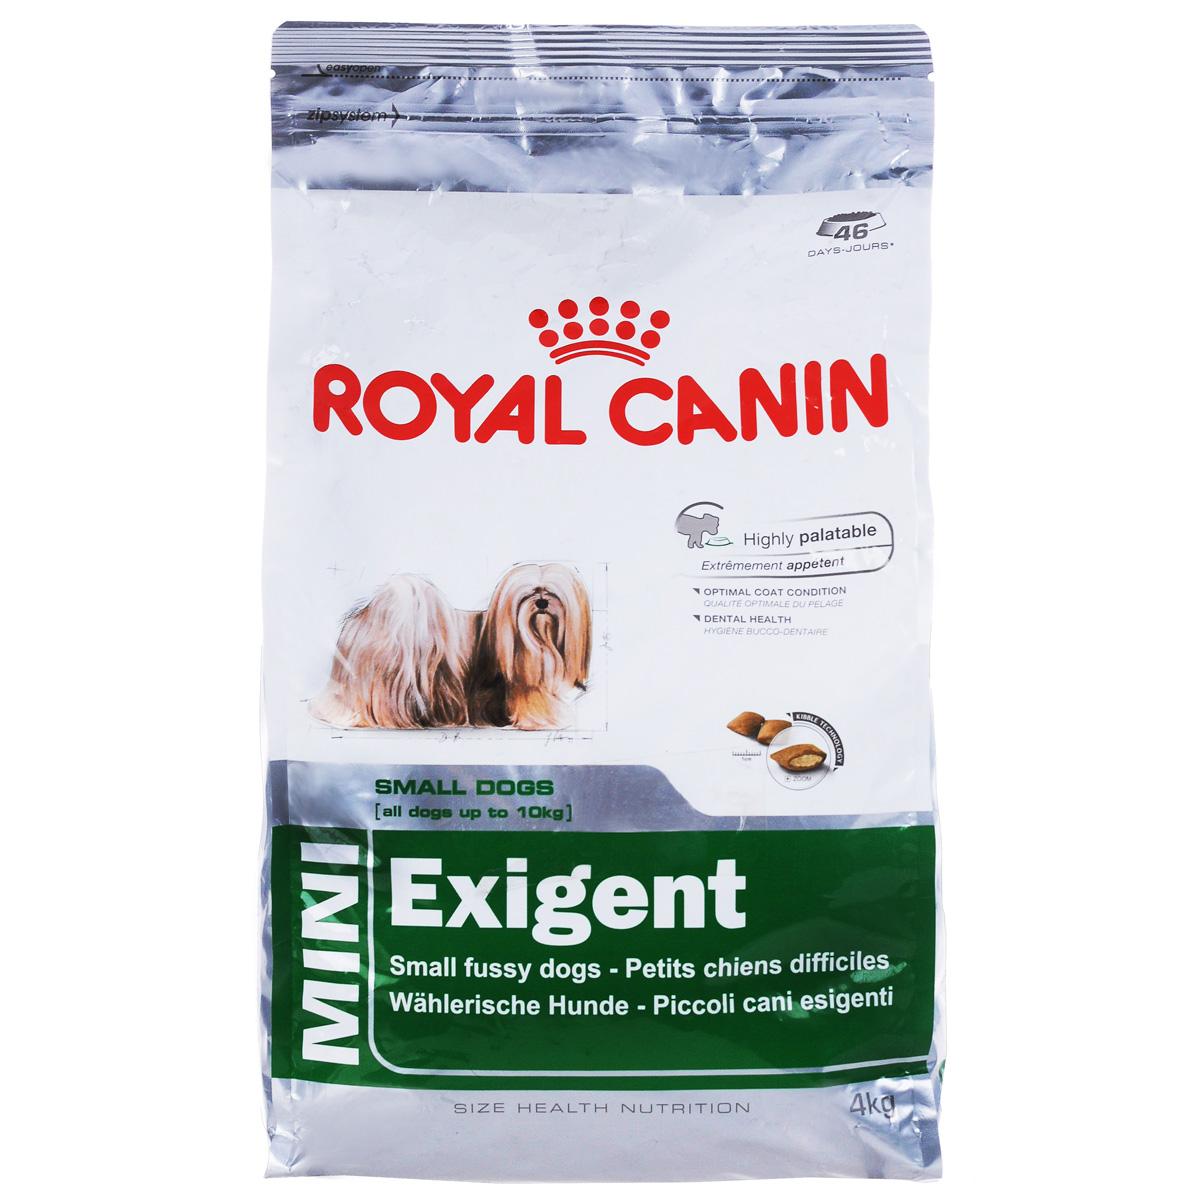 Корм сухой Royal Canin Mini Exigent, для собак мелких пород, привередливых в питании, 4 кг313040Полнорационный сухой корм Royal Canin Mini Exigent для подходит собакам мелких размеров (вес взрослой собаки до 10 кг) старше 10 месяцев. Специальная технология изготовления крокет сочетает 2 вида текстур (хрустящую и мягкую), а также уникальные вкусовые добавки, что придется по вкусу даже самым привередливым собакам мелких размеров. Корм питает шерсть благодаря включению в состав корма серосодержащих аминокислот (метионин и цистин), жирных кислот Омега 6 и витамина А. Помогает замедлить образование зубного налета благодаря полифосфату натрия, который связывает кальций, содержащийся в слюне.Состав: дегидратированное мясо птицы, животные жиры, предварительно обработанная пшеничная мука, рис, изолят растительных белков L.I.P., гидролизат белков животного происхождения, кукурузная мука, растительная клетчатка, свекольный жом, рыбий жир, минеральные вещества, фруктоолигосахариды, масло огуречника аптечного 0,1%.Добавки в 1 кг: витамин А 29700 МЕ, витамин D3 800 МЕ, железо 45 мг, йод 4,5 мг, марганец 58 мг, цинк 175 мг, селен 0,09 мг, триполифосфат натрия 3,5 г, сорбат калия, пропилгаллат, БГА.Содержание питательных веществ: белки 30%, жиры 22%, минеральные вещества 4,1%, клетчатка пищевая 2,7%, EPA/DHA 2,5 г, медь 15 мг.Товар сертифицирован.